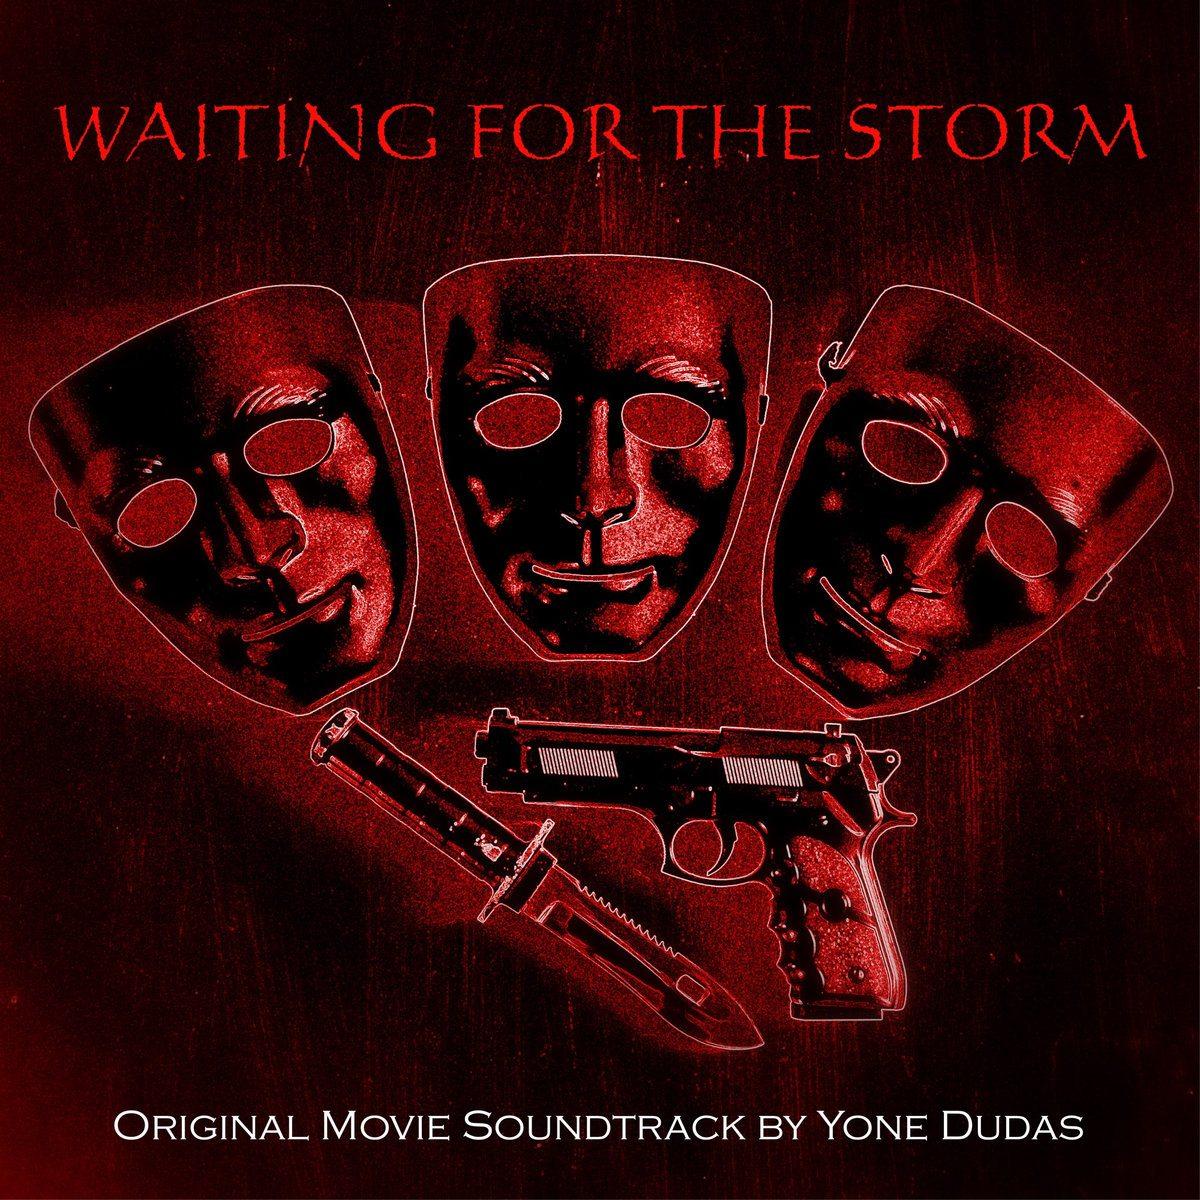 Yone Dudas – Waiting For The Storm / Original Movie Soundtrack